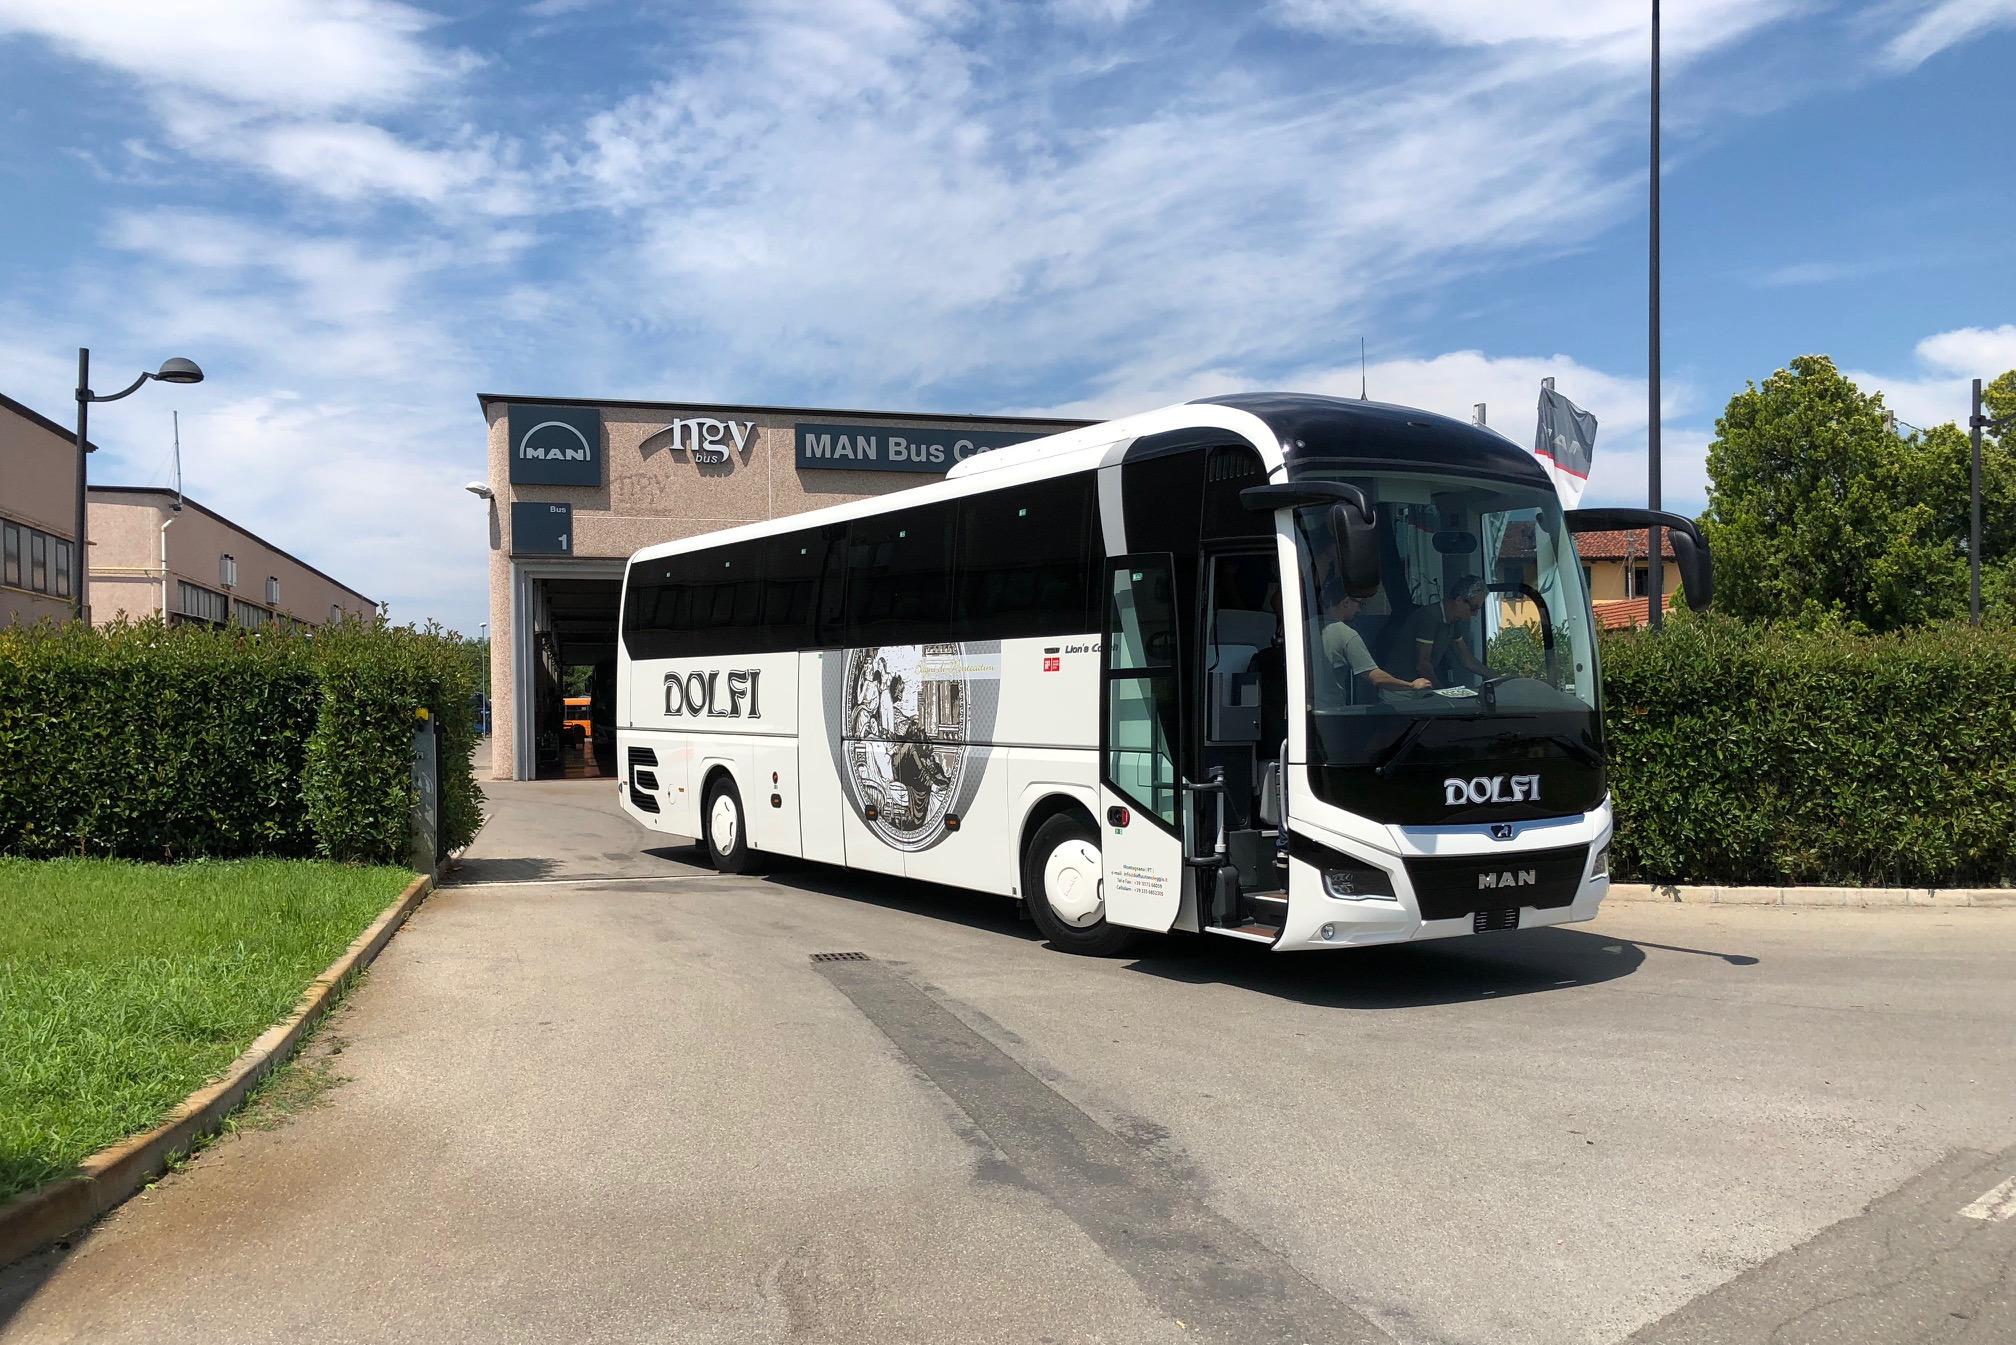 Autobus Man Lion's Coach Dolfi Autonoleggio